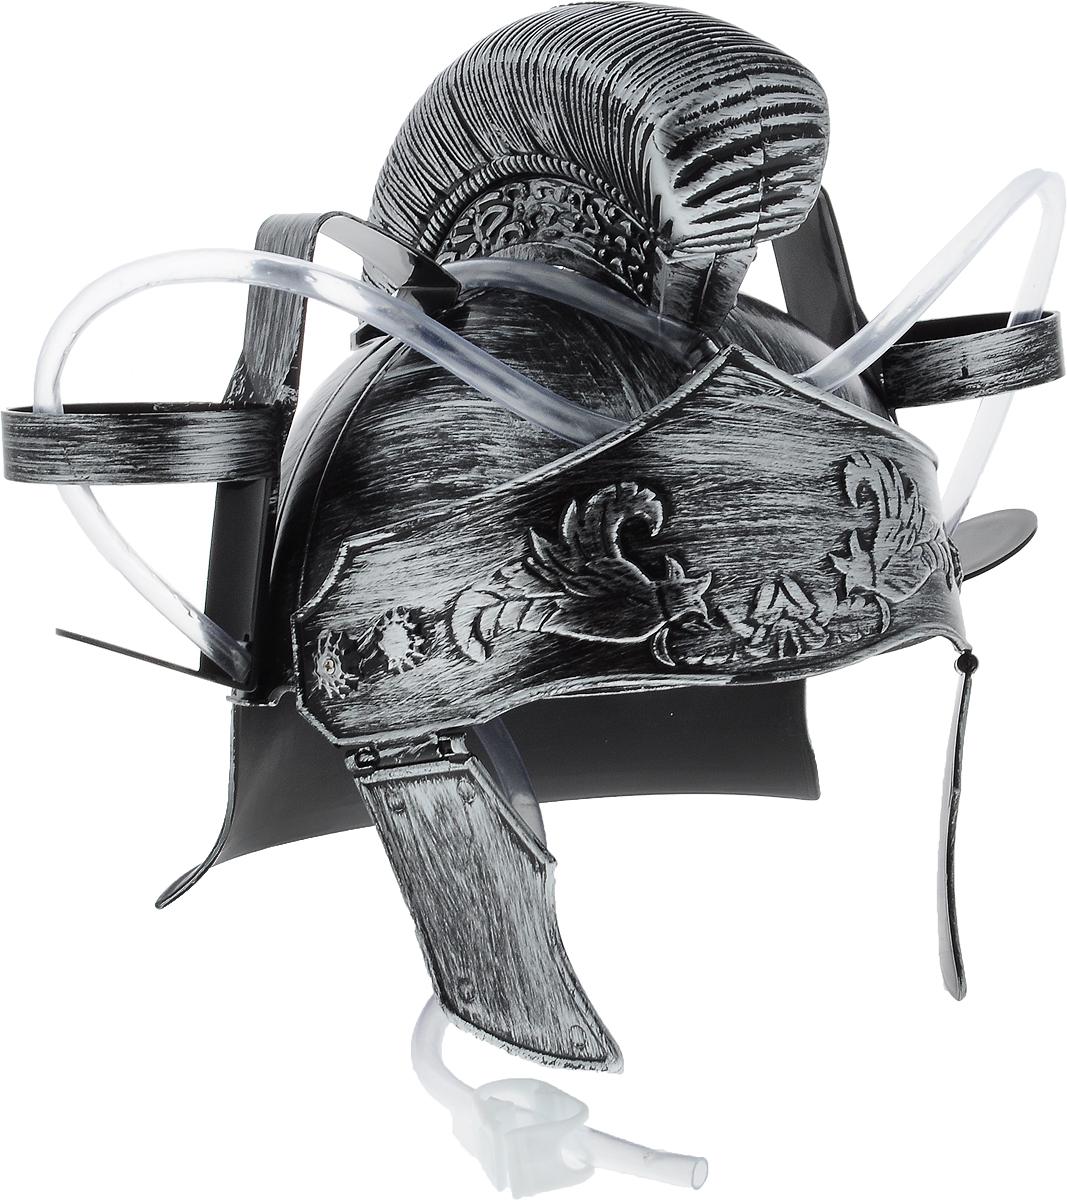 Каска Эврика Римлянин с подставками под банки96164Мужчина, умеющий оставаться настоящим рыцарем, даже выпивая, определенно заслуживает женского внимания! Чтобы совместить приятное с полезным, был придуман специальный шлем Эврика Римлянин. Каска выполнена из пластика и оснащена двумя держателями для банок/бутылок и двумя соединительными трубочками, благодаря которым можно смешивать два различных напитка в виде коктейля. Такая каска станет отличным решением для карнавала, дружеской вечеринки или в качестве амуниции болельщика на стадионе Загрузи голову и освободи руки! Рекомендуется использовать для употребления полезных напитков. Диаметр подставки для банки: 7 см.